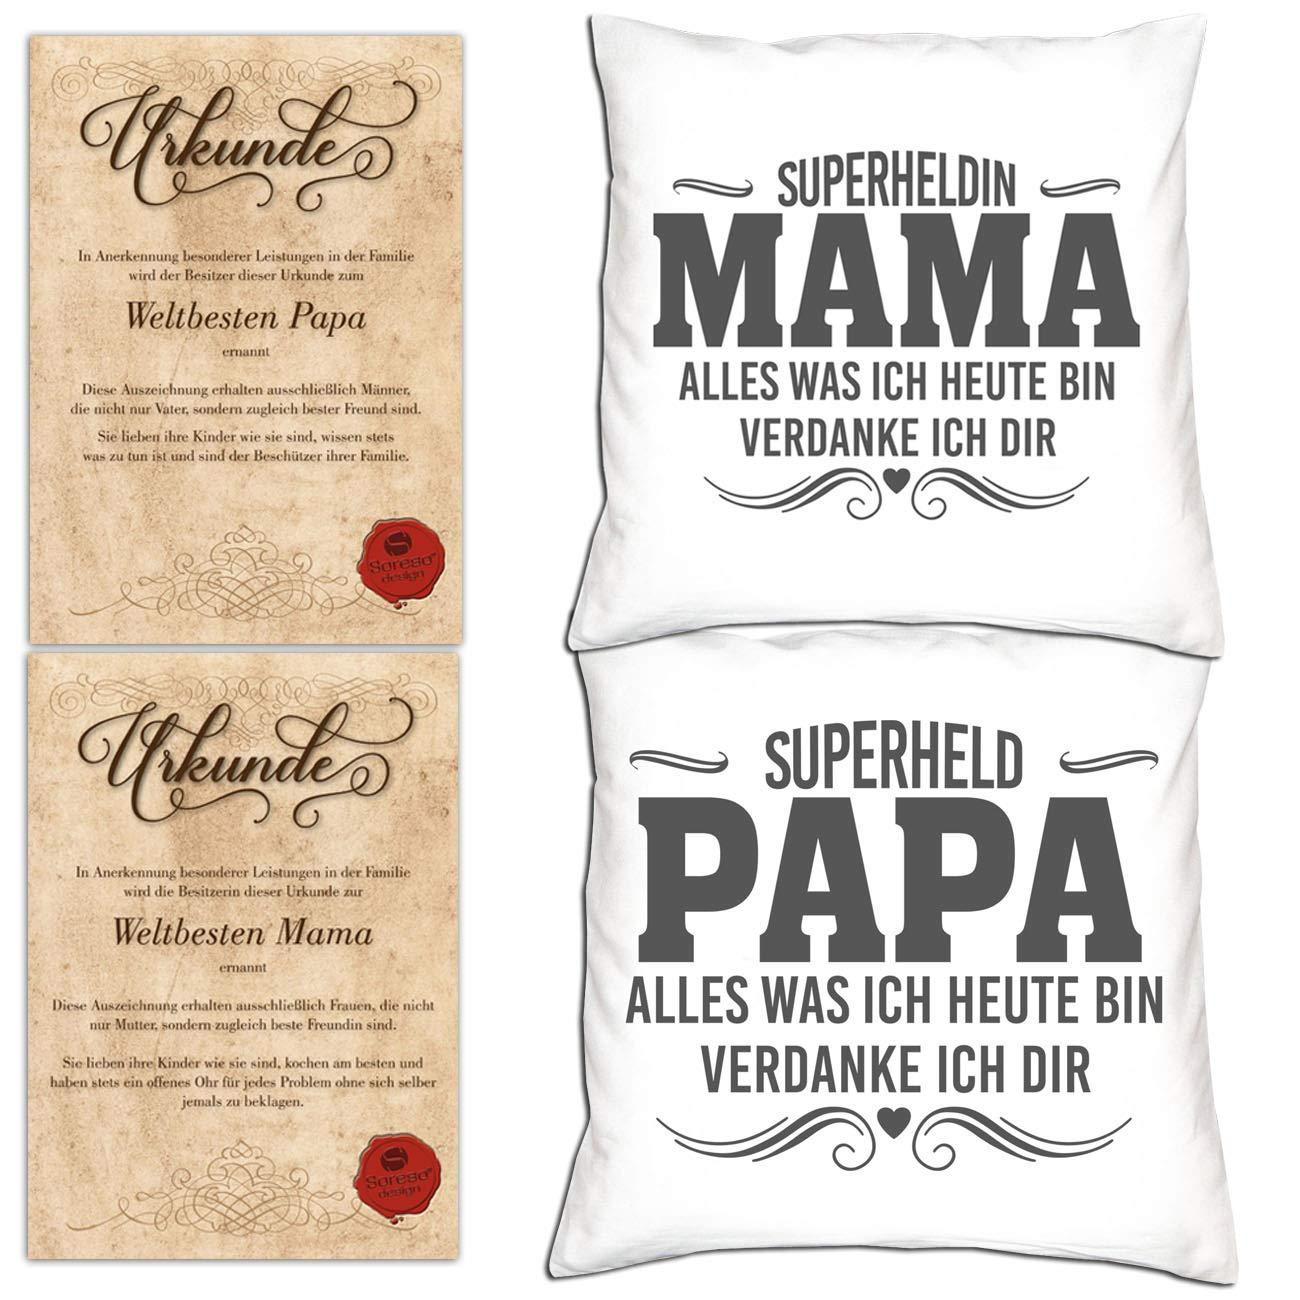 SO-GmbH Geschenkset 4 Teile   2 Kissen - 2 Urkunden Mama & Papa Geschenk für Eltern zu Weihnachten - Farben  Weiss & Weiss